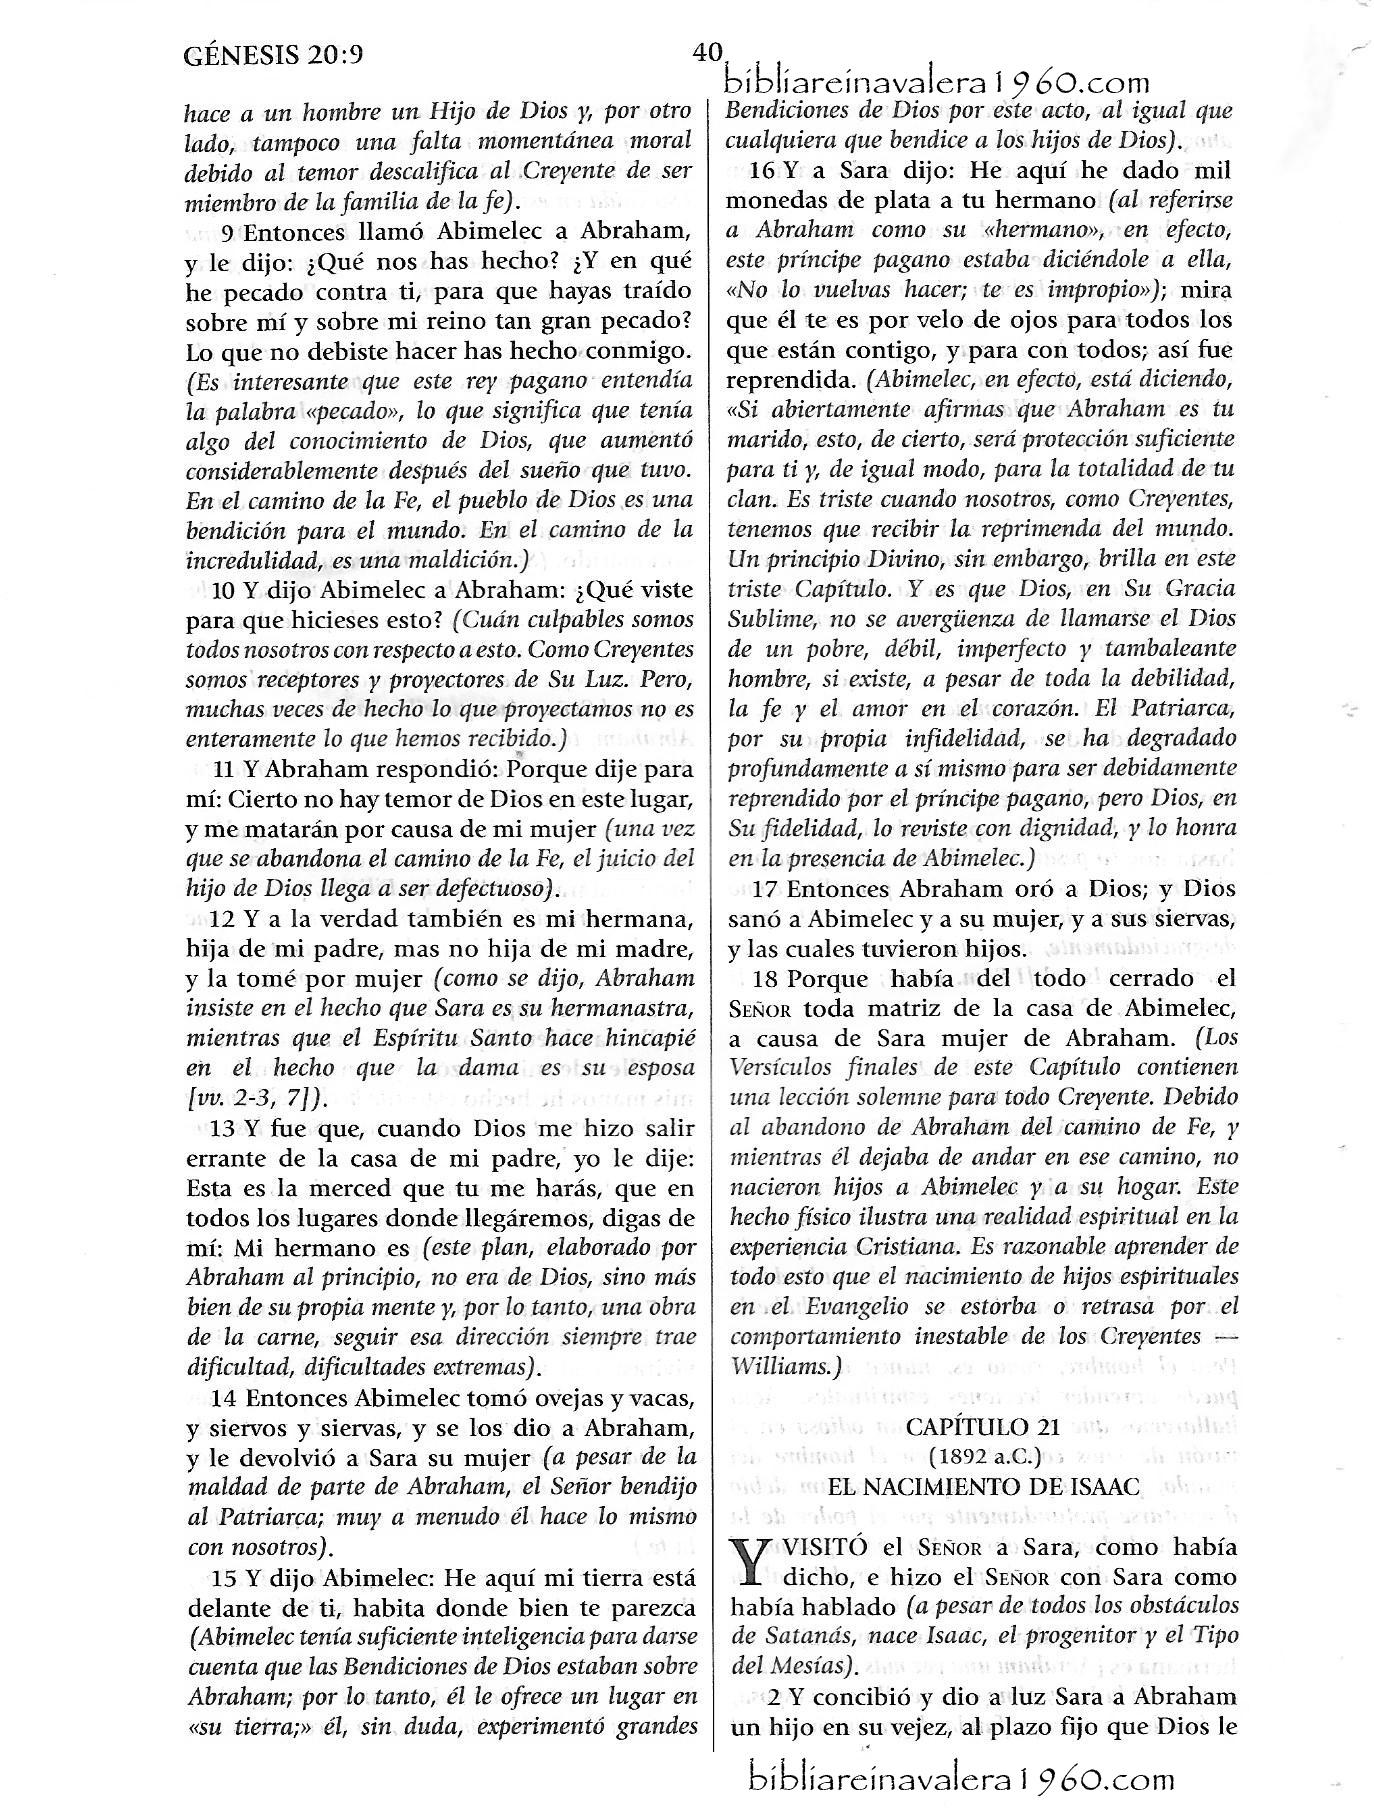 genesis 20 explicacion Genesis 20 Explicacion 40